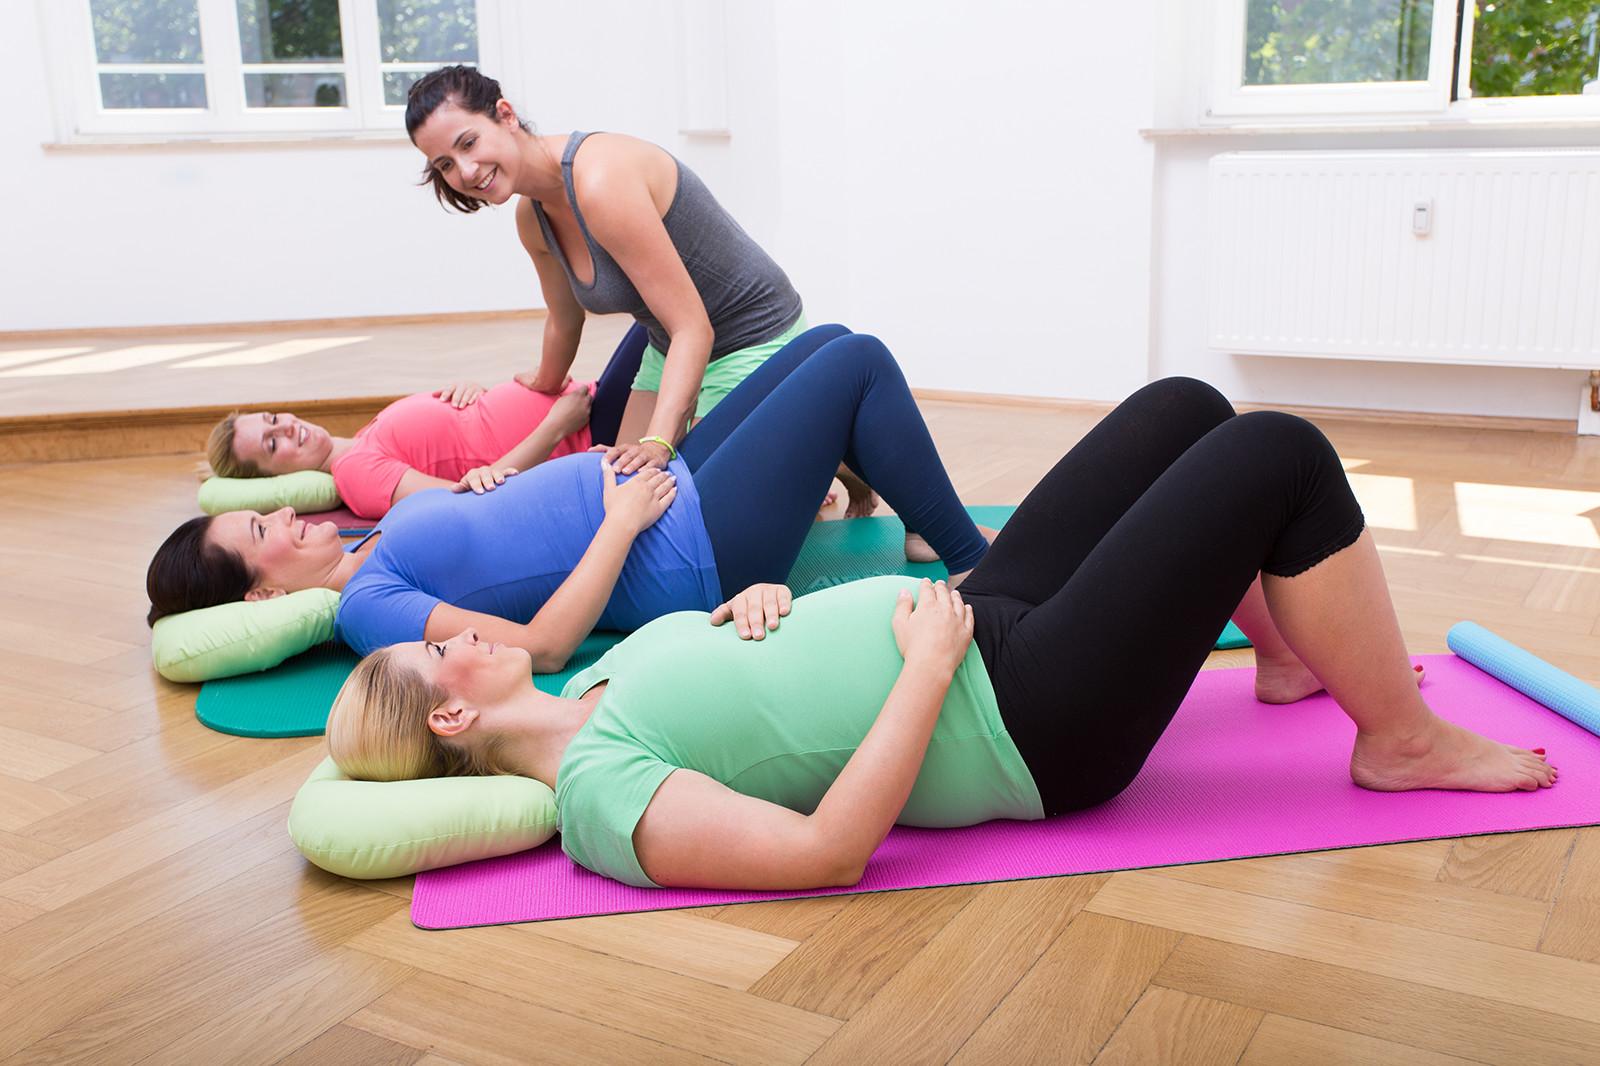 Mutterschaftsgeld_und_Schwangerschaft